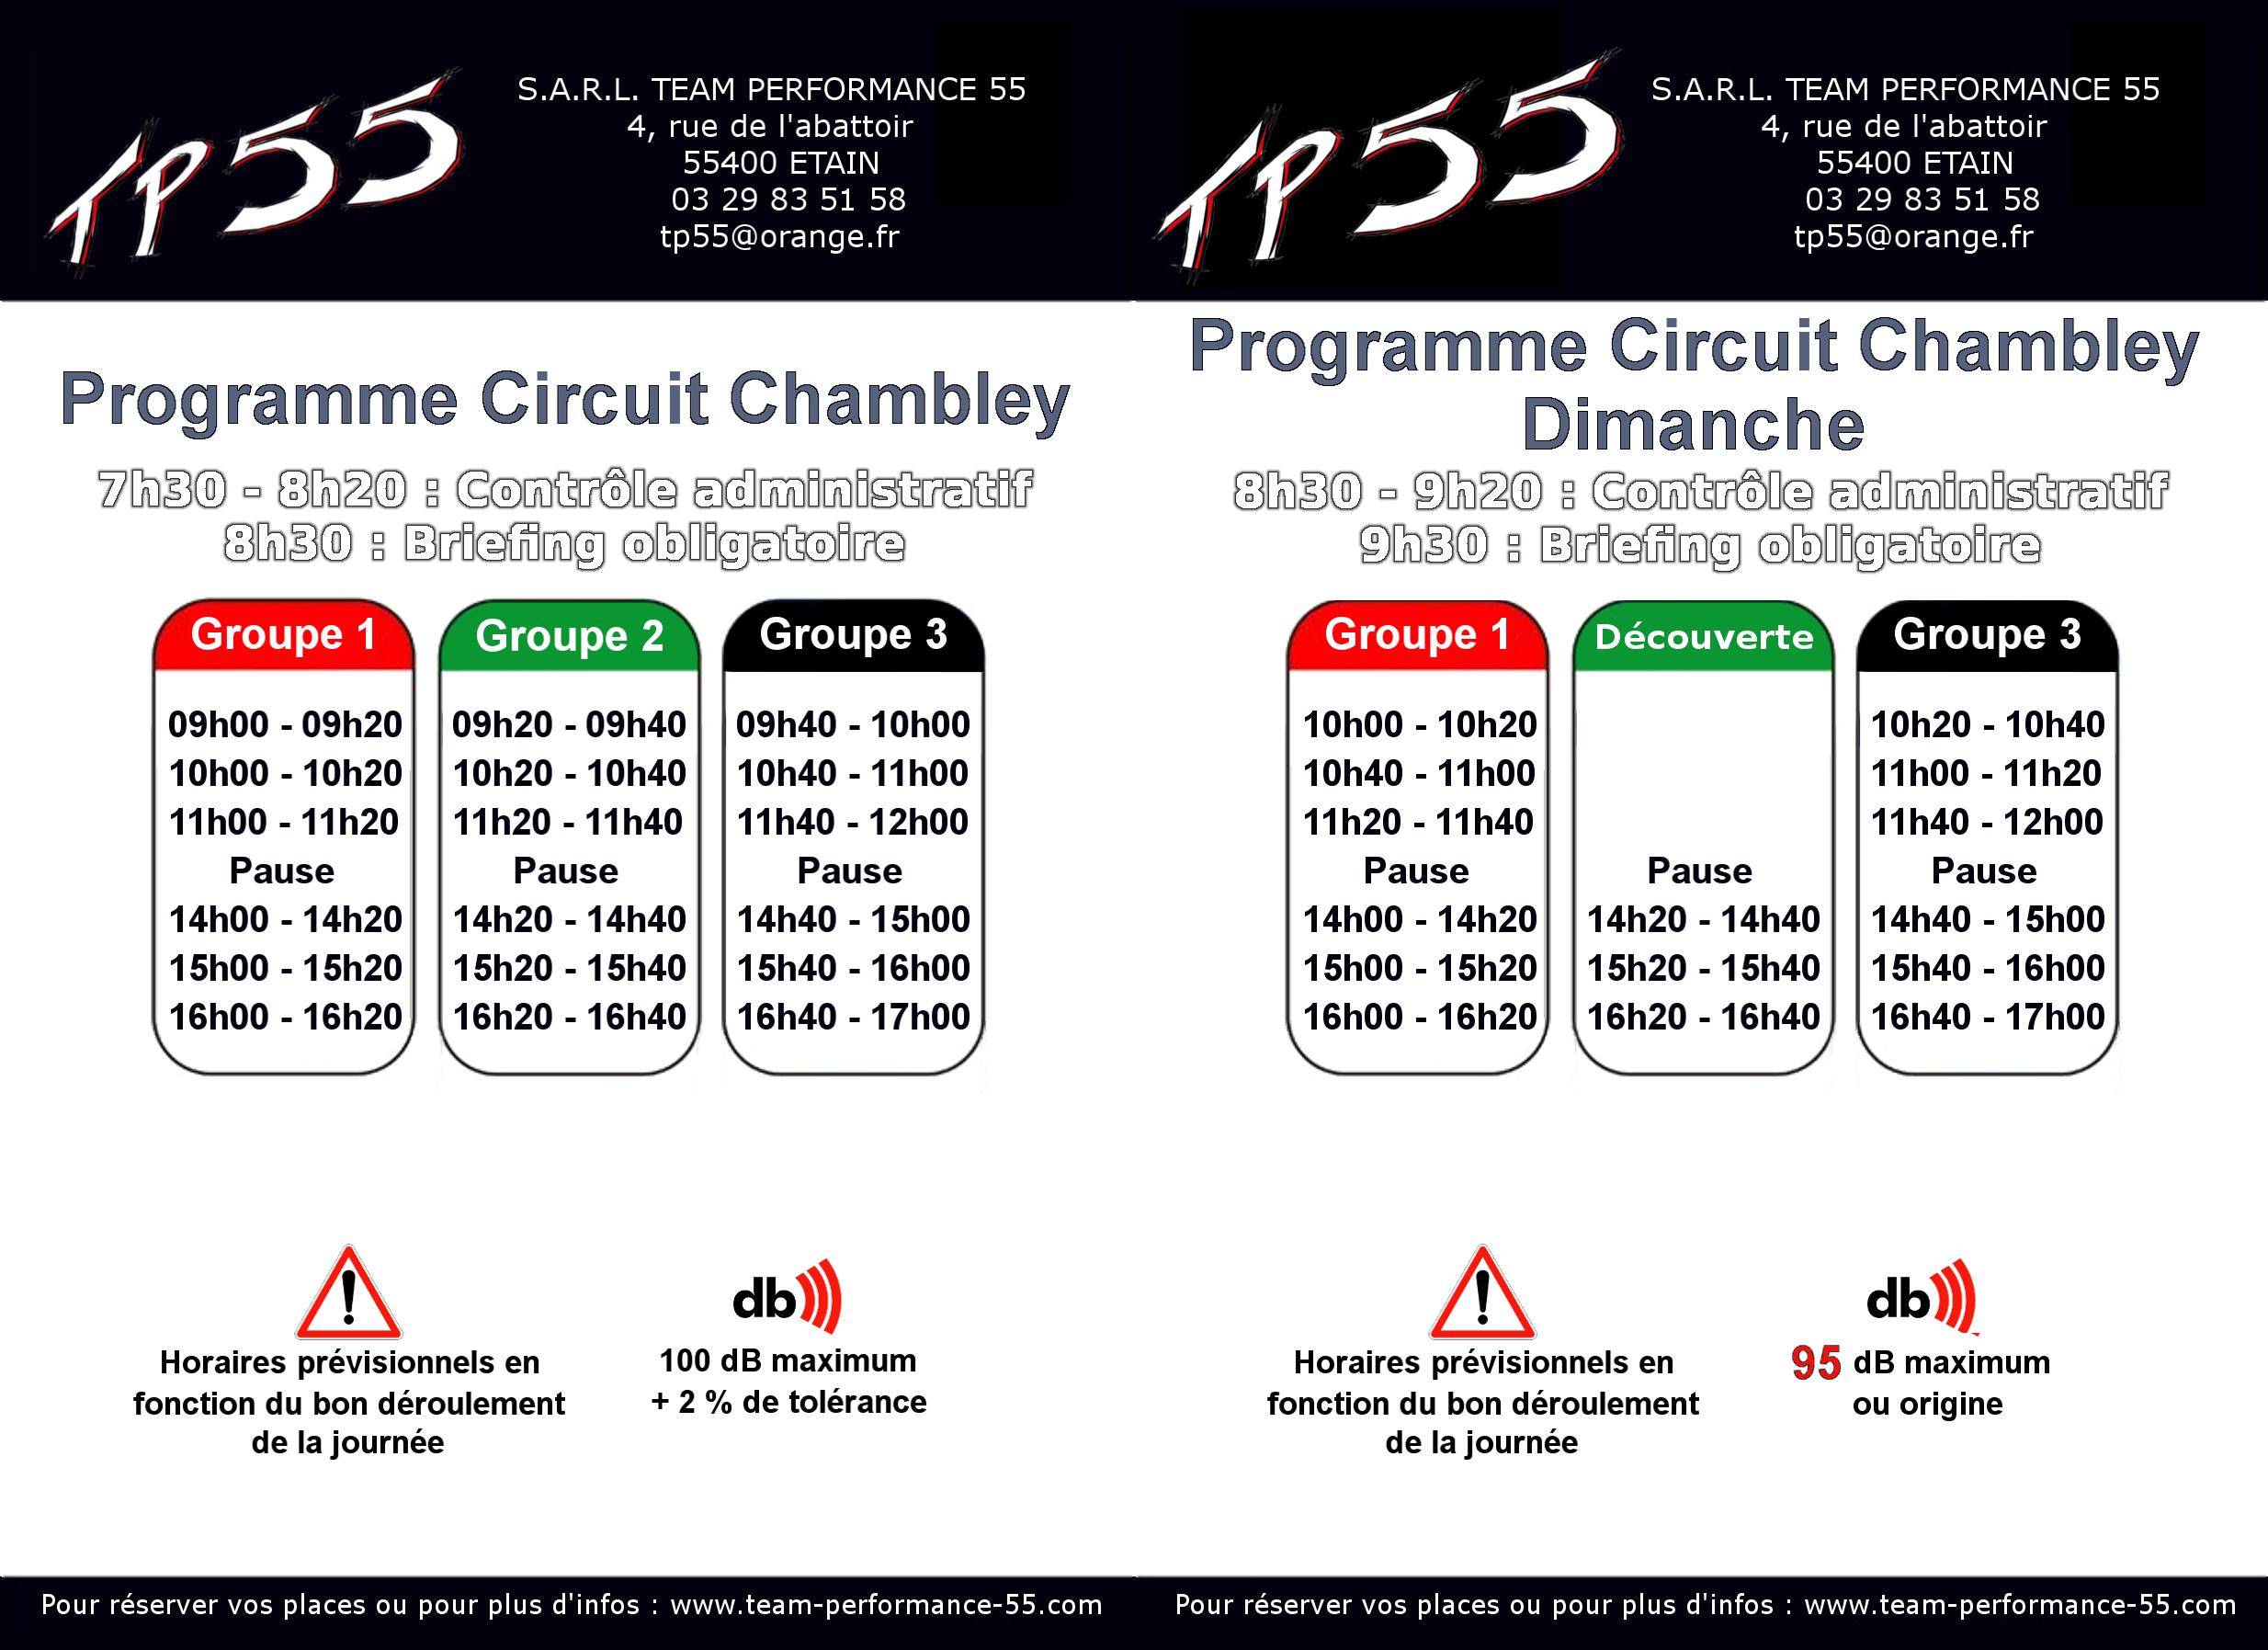 Temps Course Calendrier 2019.Calendrier 2019 Des Journees Moto Tp55